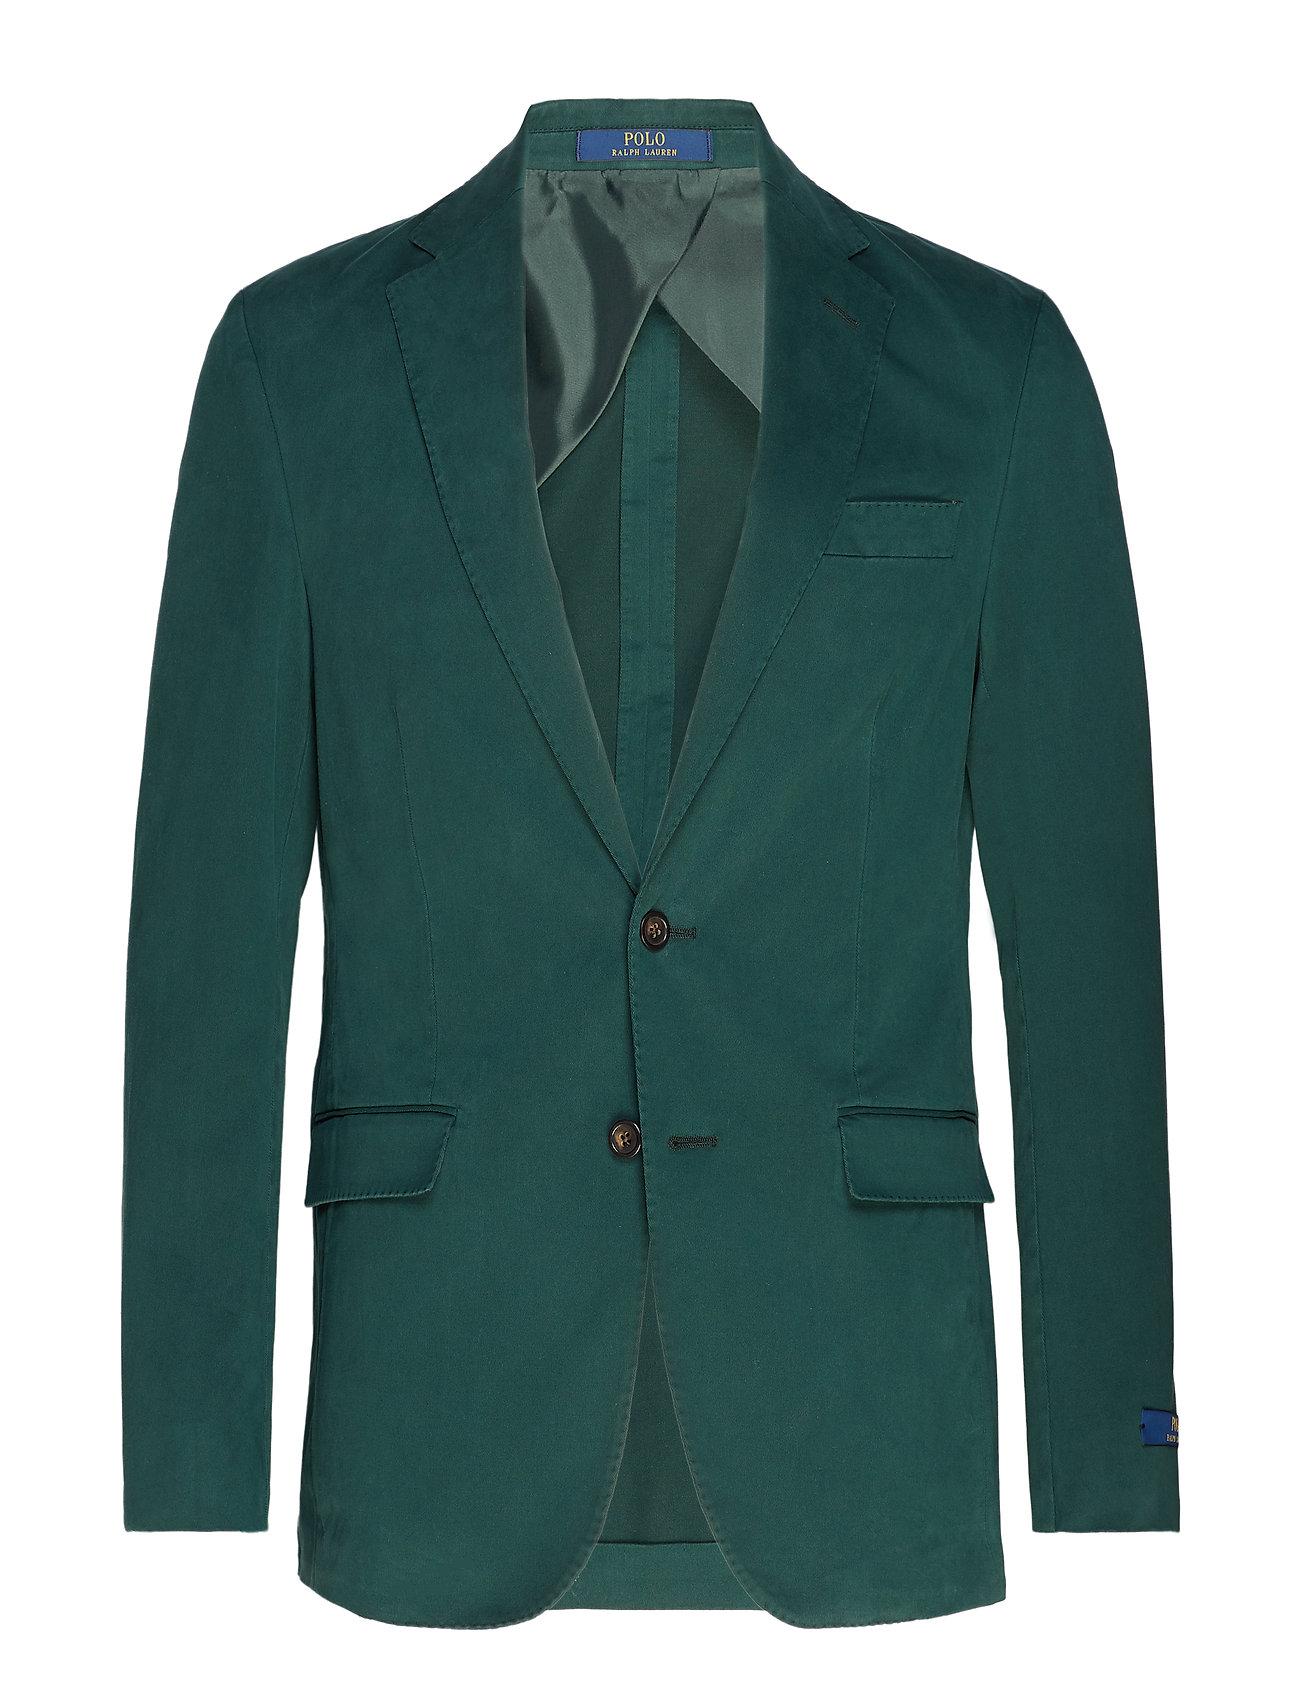 Morgan Chino Suit Jacket Dark Green 285 Polo Ralph Lauren